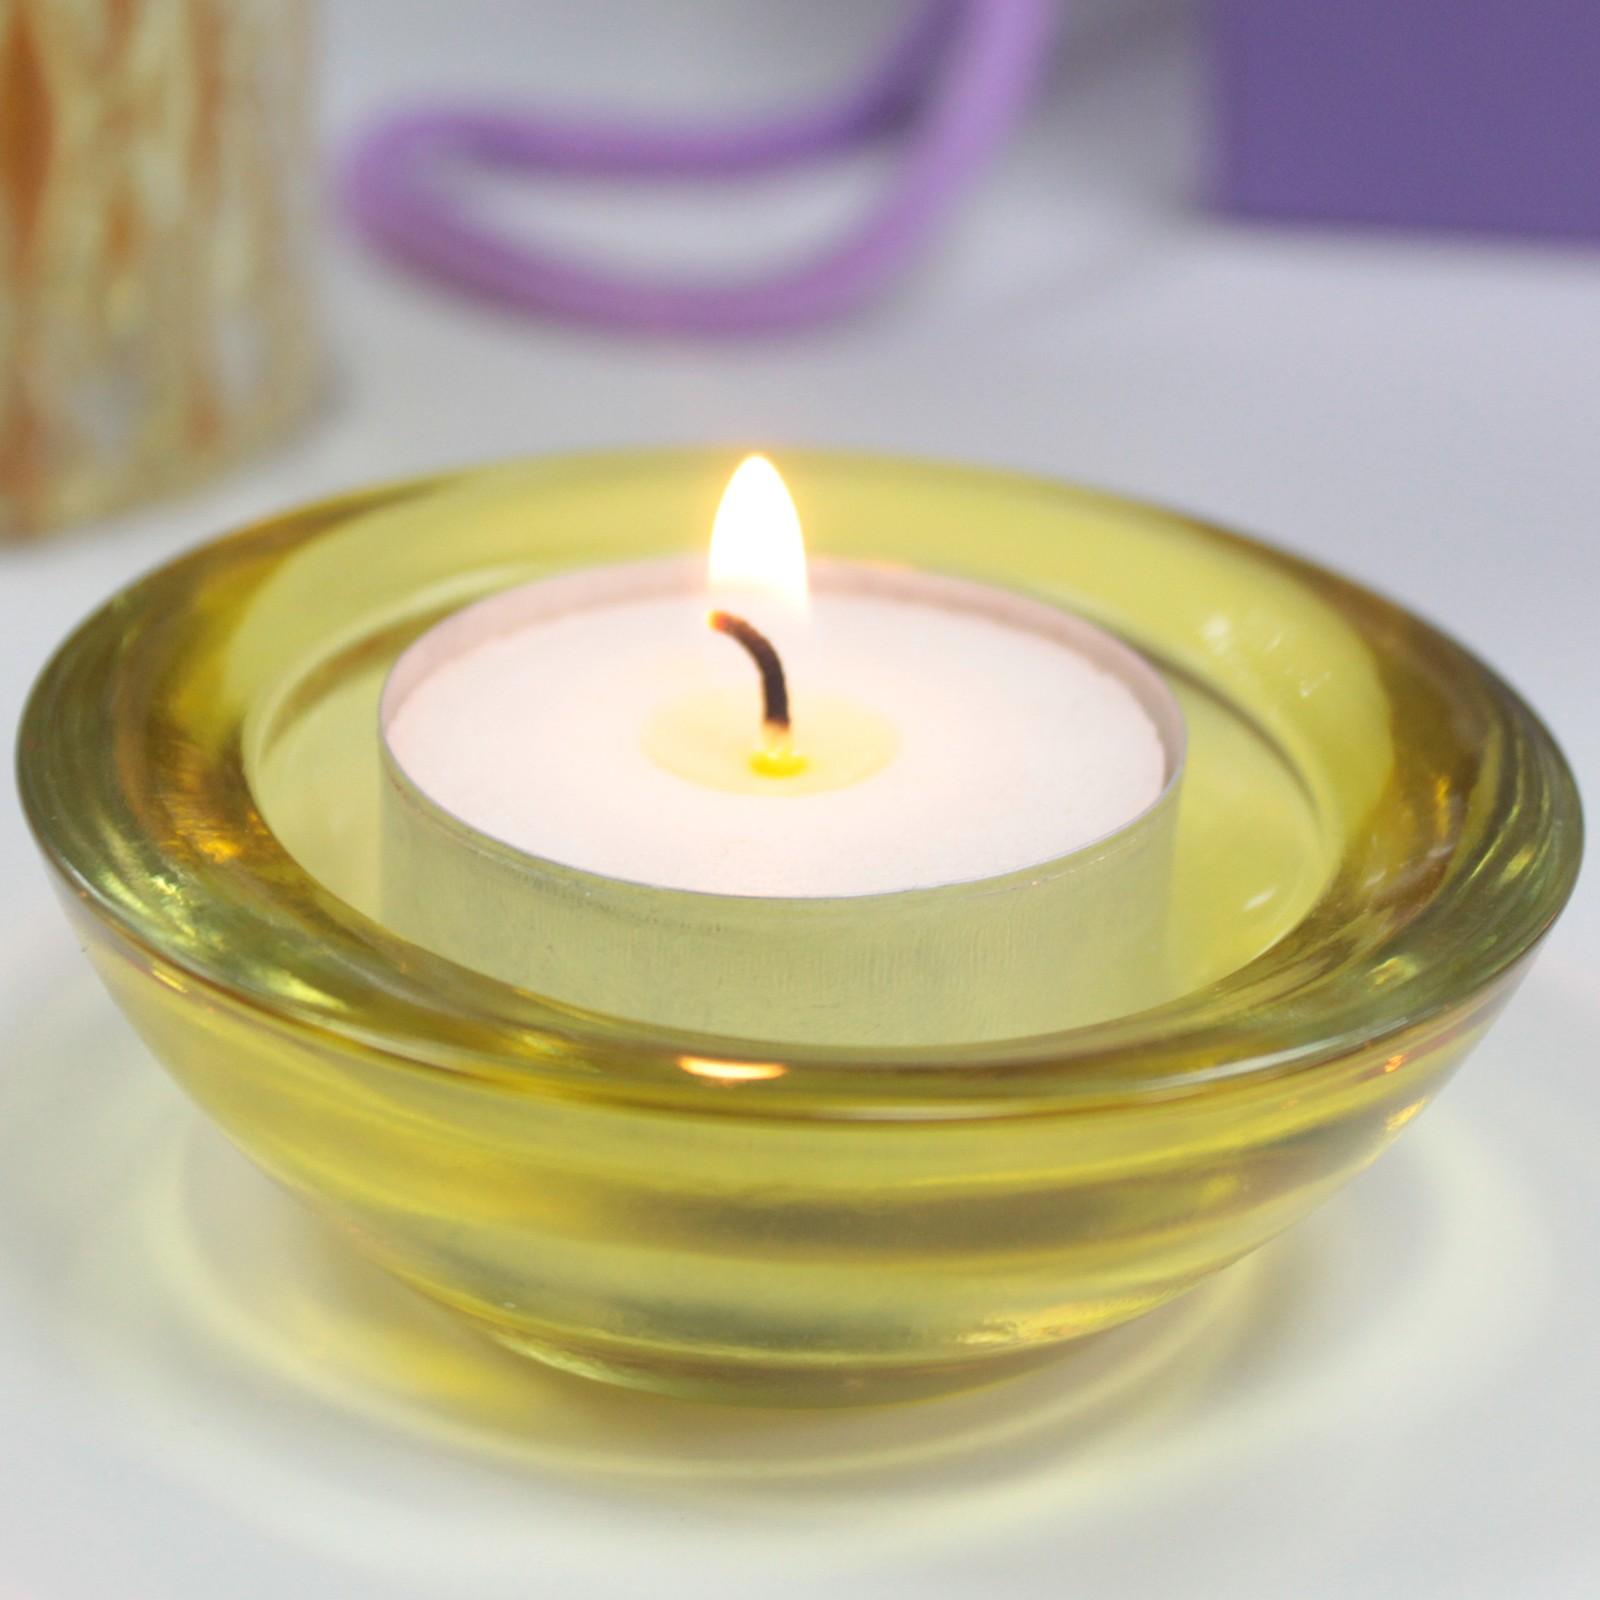 MAUR.cz Skleněný svícen na čajovou svíčku jantarová barva